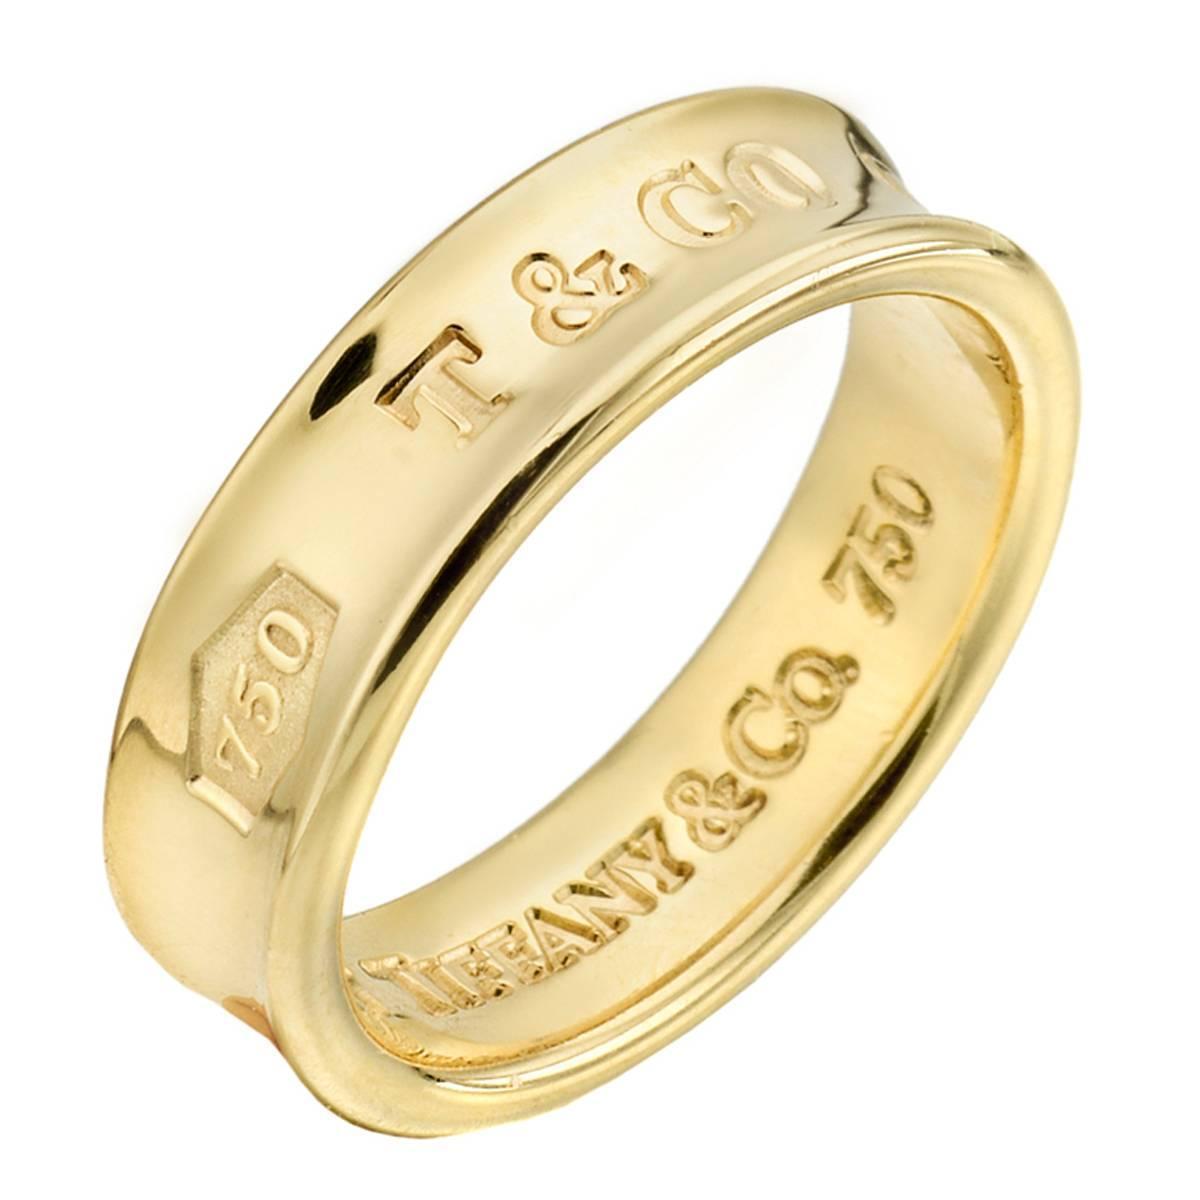 tiffany and co 1837 gold wedding band ring at 1stdibs